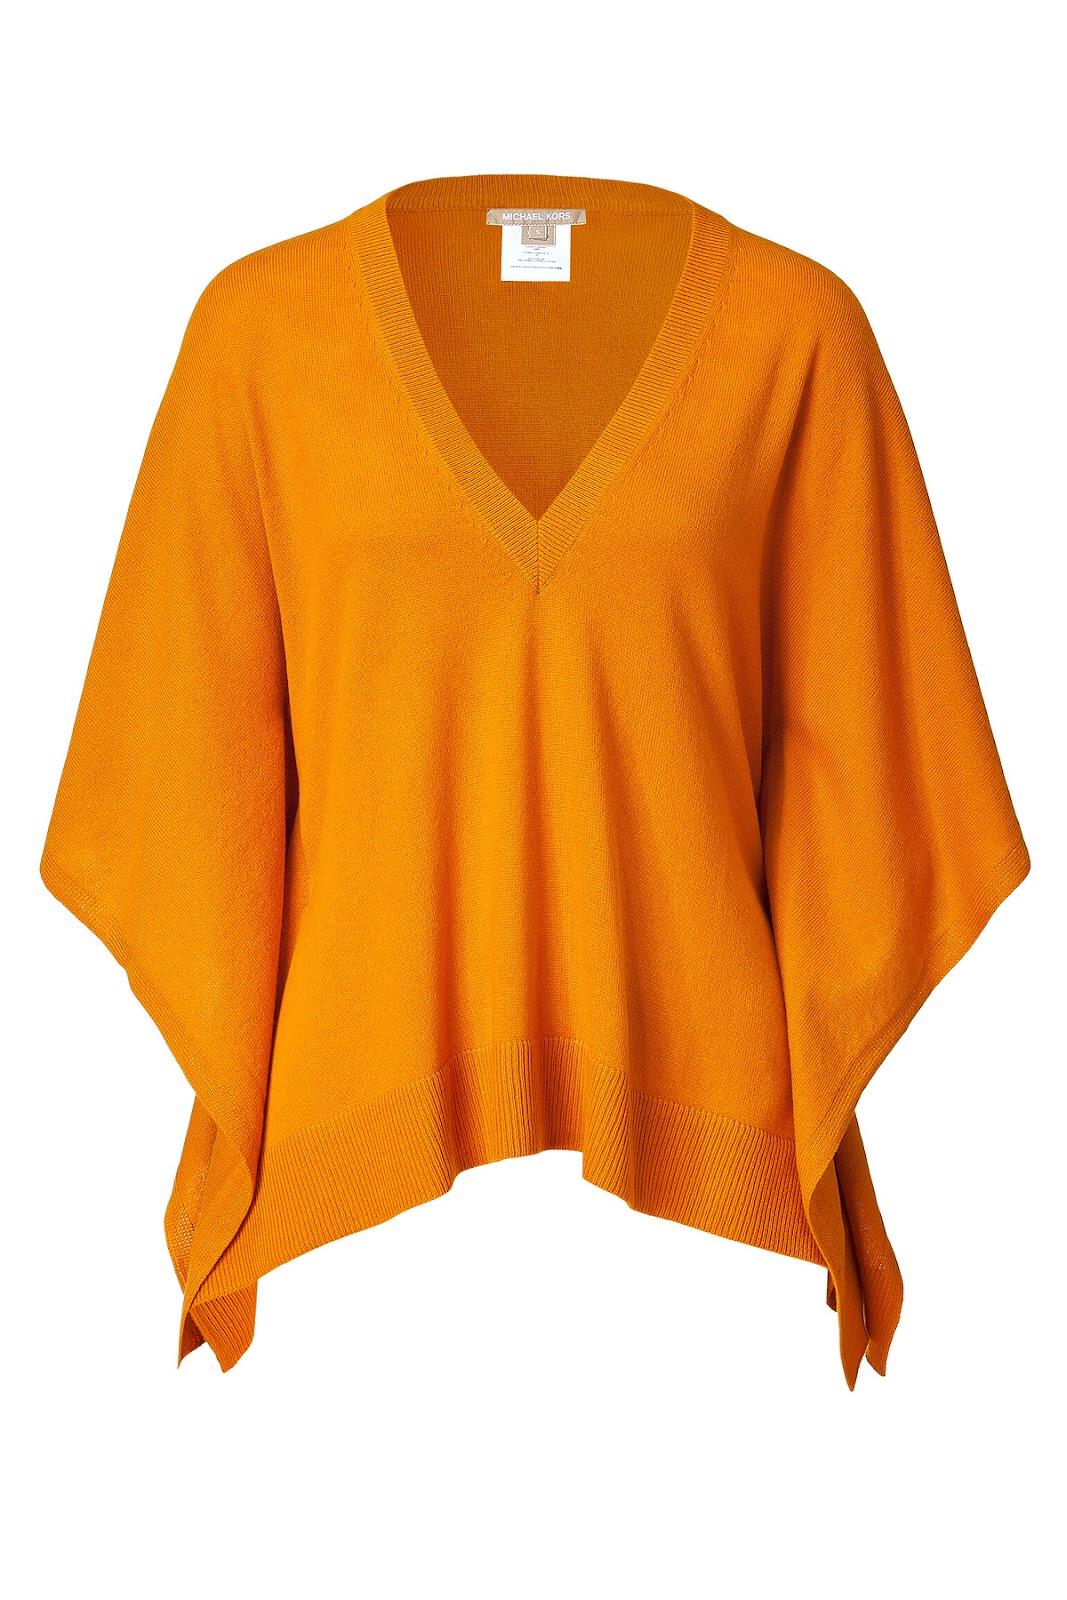 http://4.bp.blogspot.com/-l4An2a2xC3k/T1uSKsSc6HI/AAAAAAAAAG4/PHR6R9Aweo4/s1600/Cashmere-Sweater-Michael-Kors-Amber-V-neck-.jpg